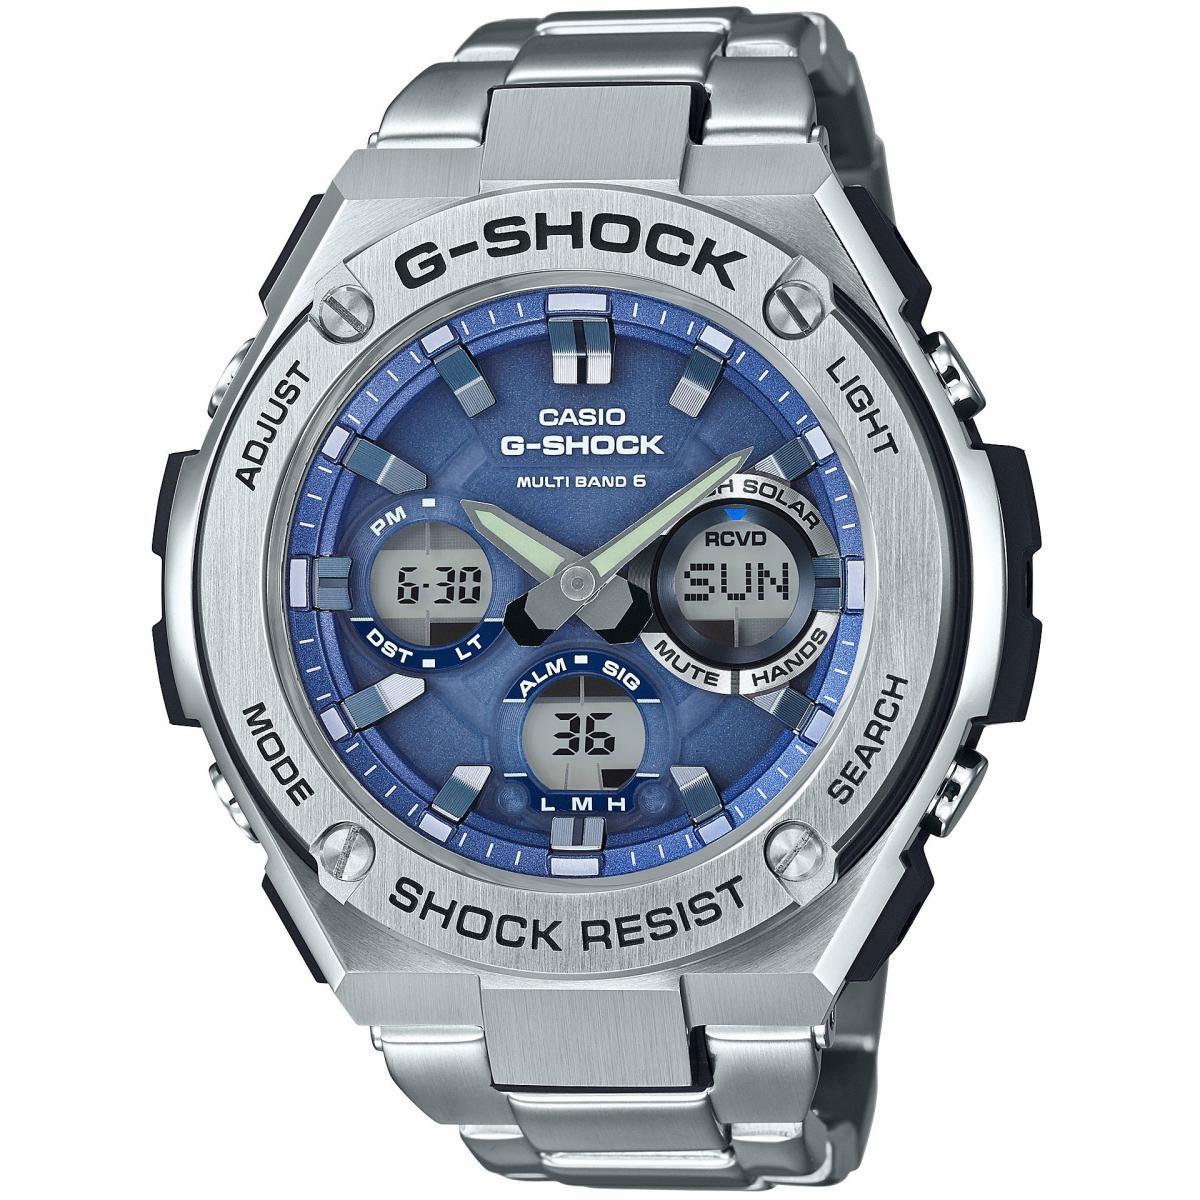 selezione più recente meglio scarpe a buon mercato Orologio Casio G-Shock GST-W110D-2AER - Orologio Acciaio Argento ...